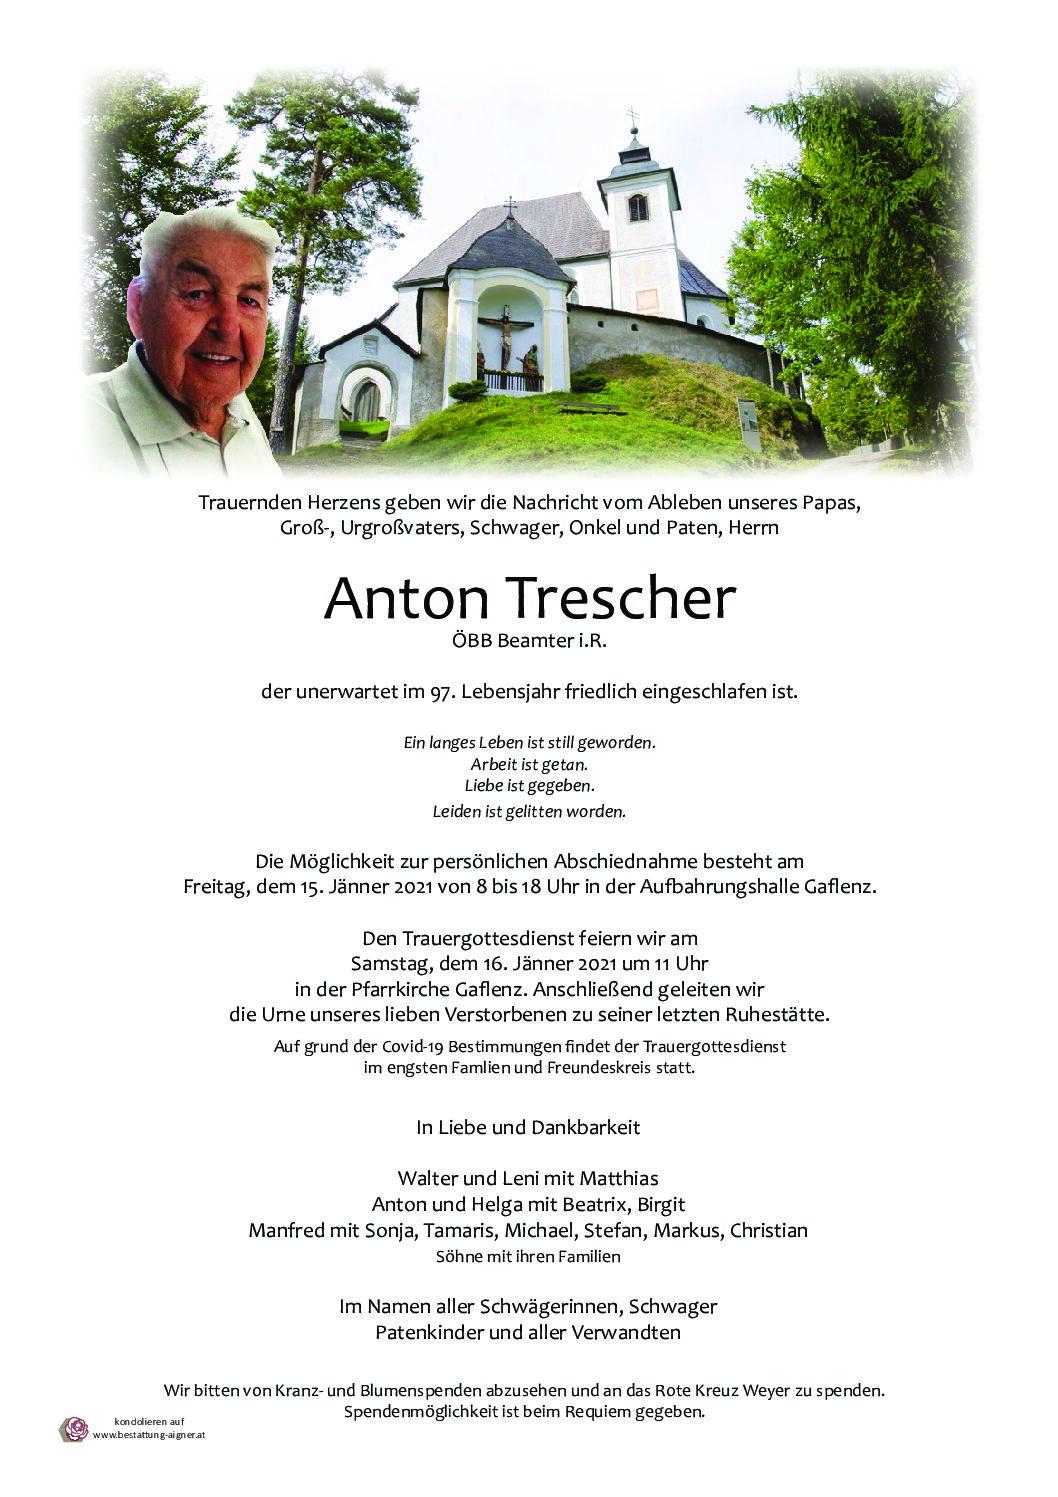 Anton Trescher